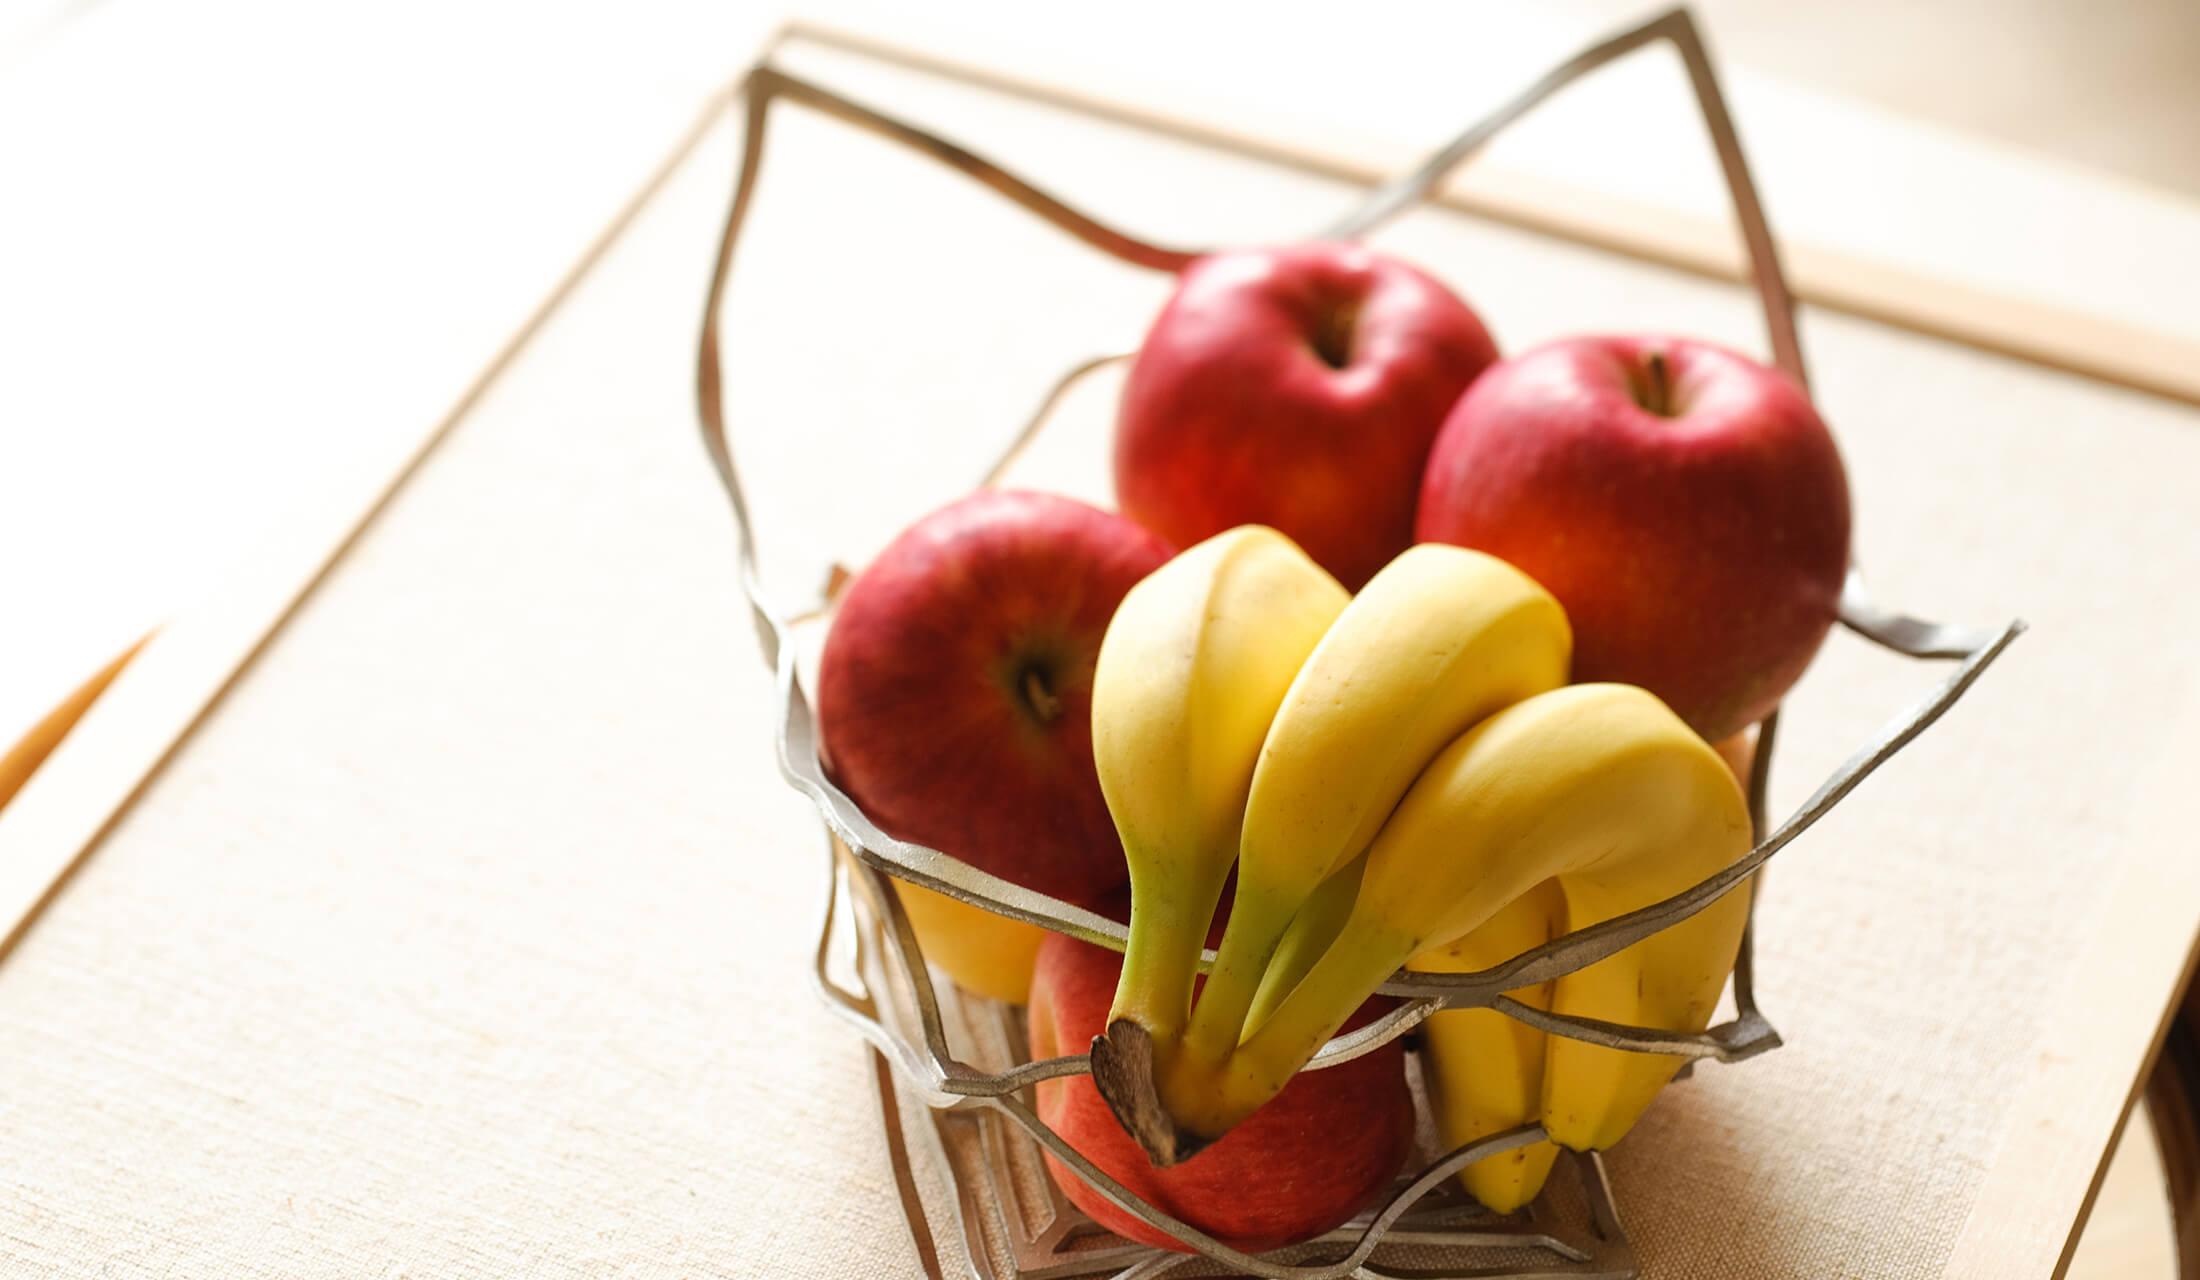 能作の曲がる錫製品「KAGO(かご)」に果物が入っている